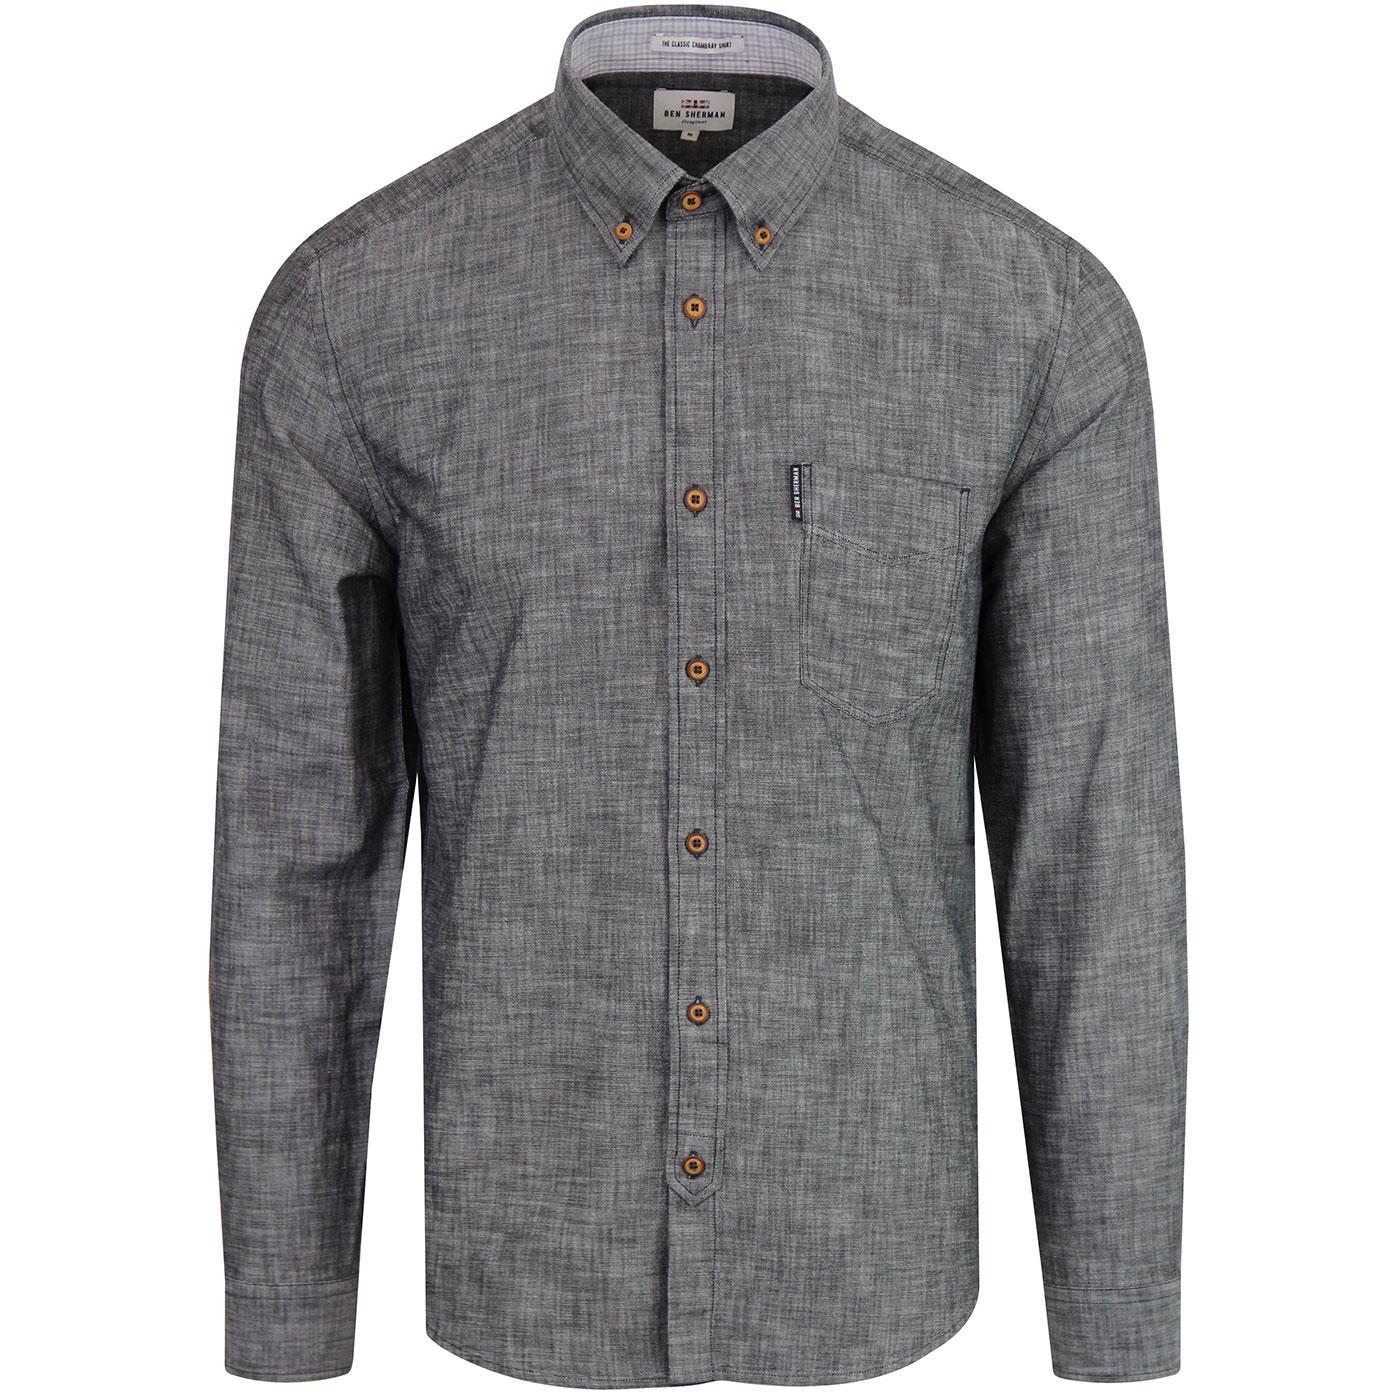 BEN SHERMAN Retro Button Down Chambray Shirt BLACK